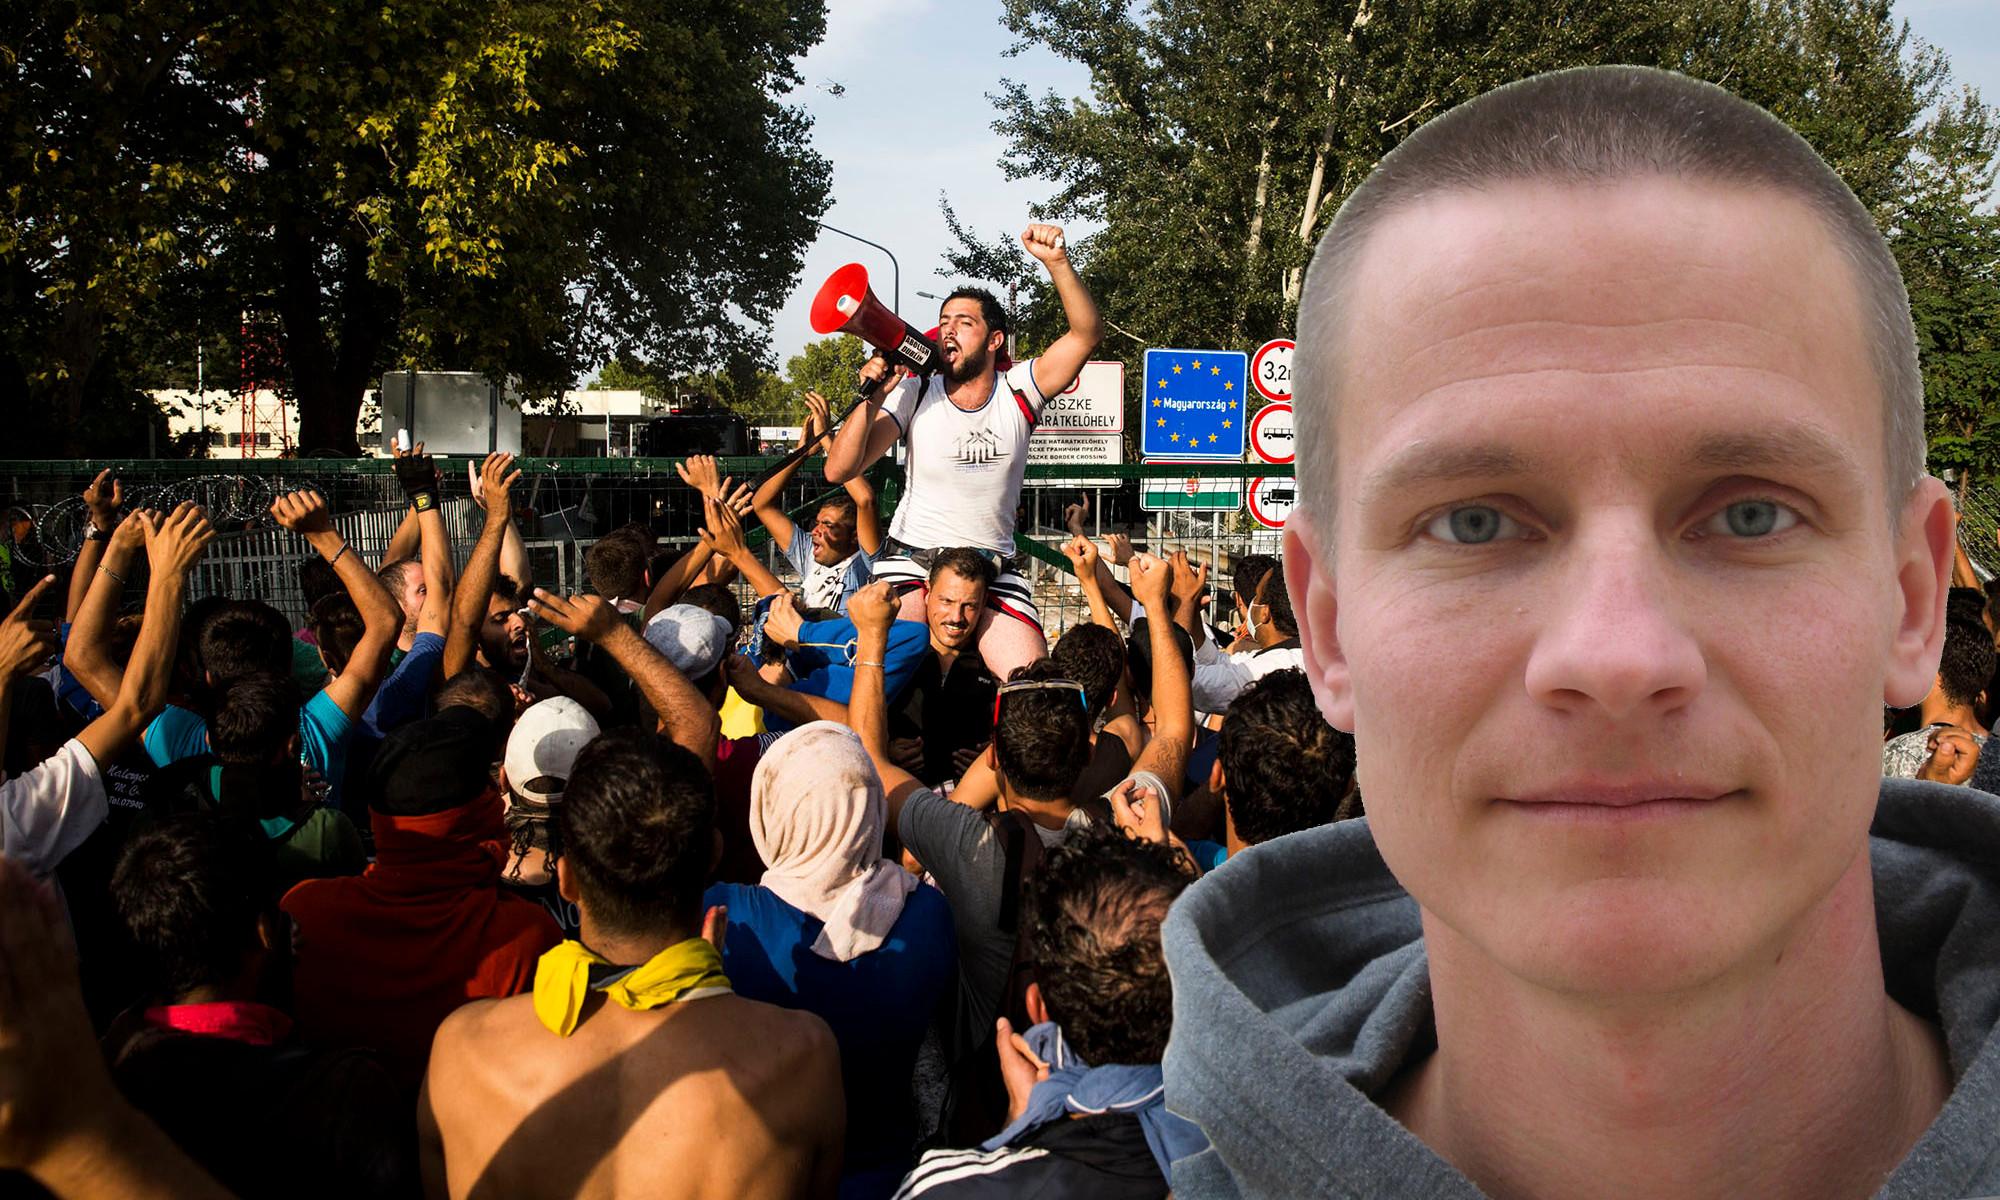 """Arga migranter som skanderar """"Allahu akbar"""" vid gränsen till EU. Joakim Ruist infälld i bild. Foto: Ungerska regeringen/Pressbild"""